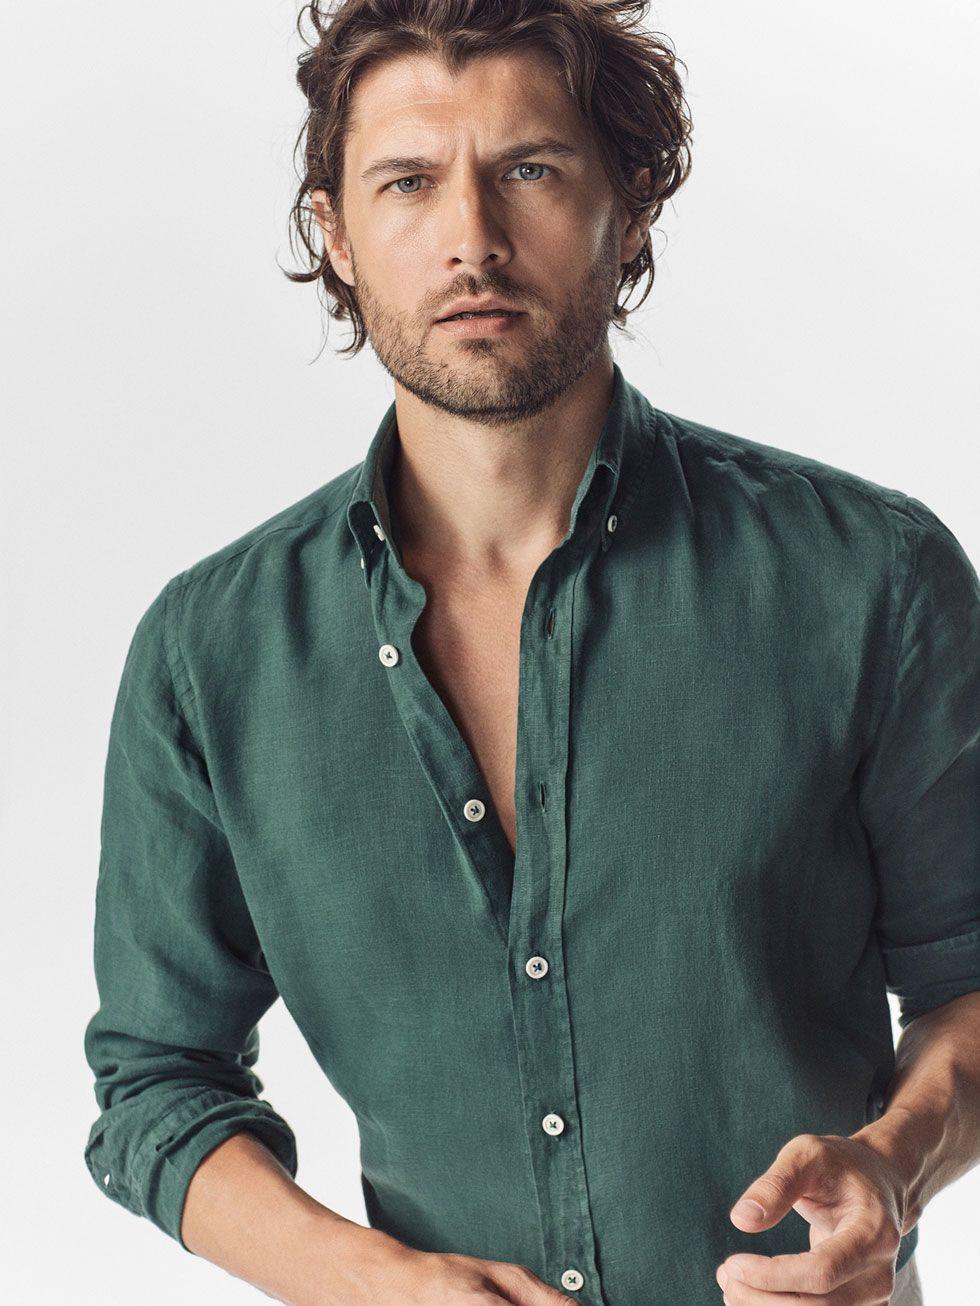 a585d9336688 Linen Shirts - Shirts - MEN - Massimo Dutti